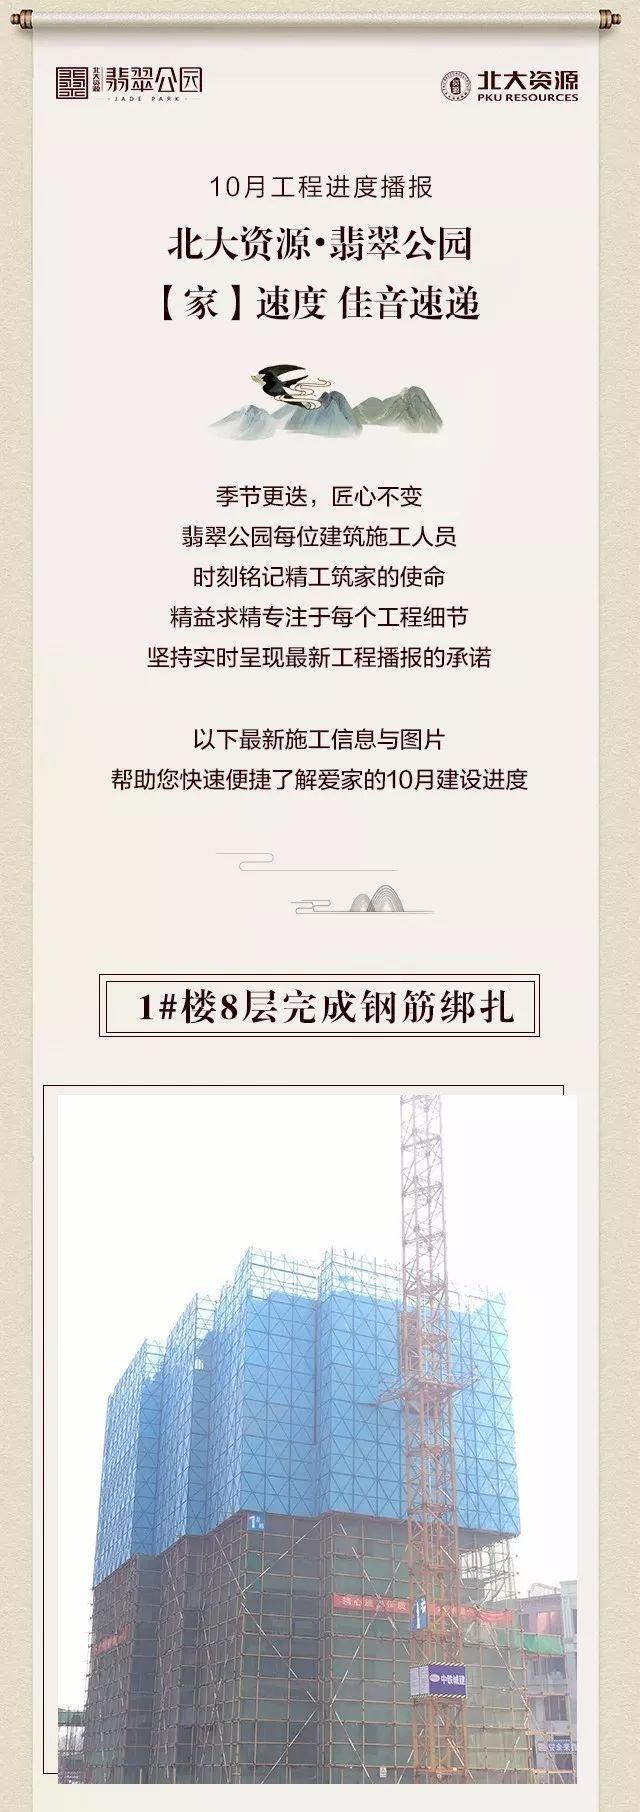 【北大资源】10月工程播报|凉风有信 邀您聆听佳音